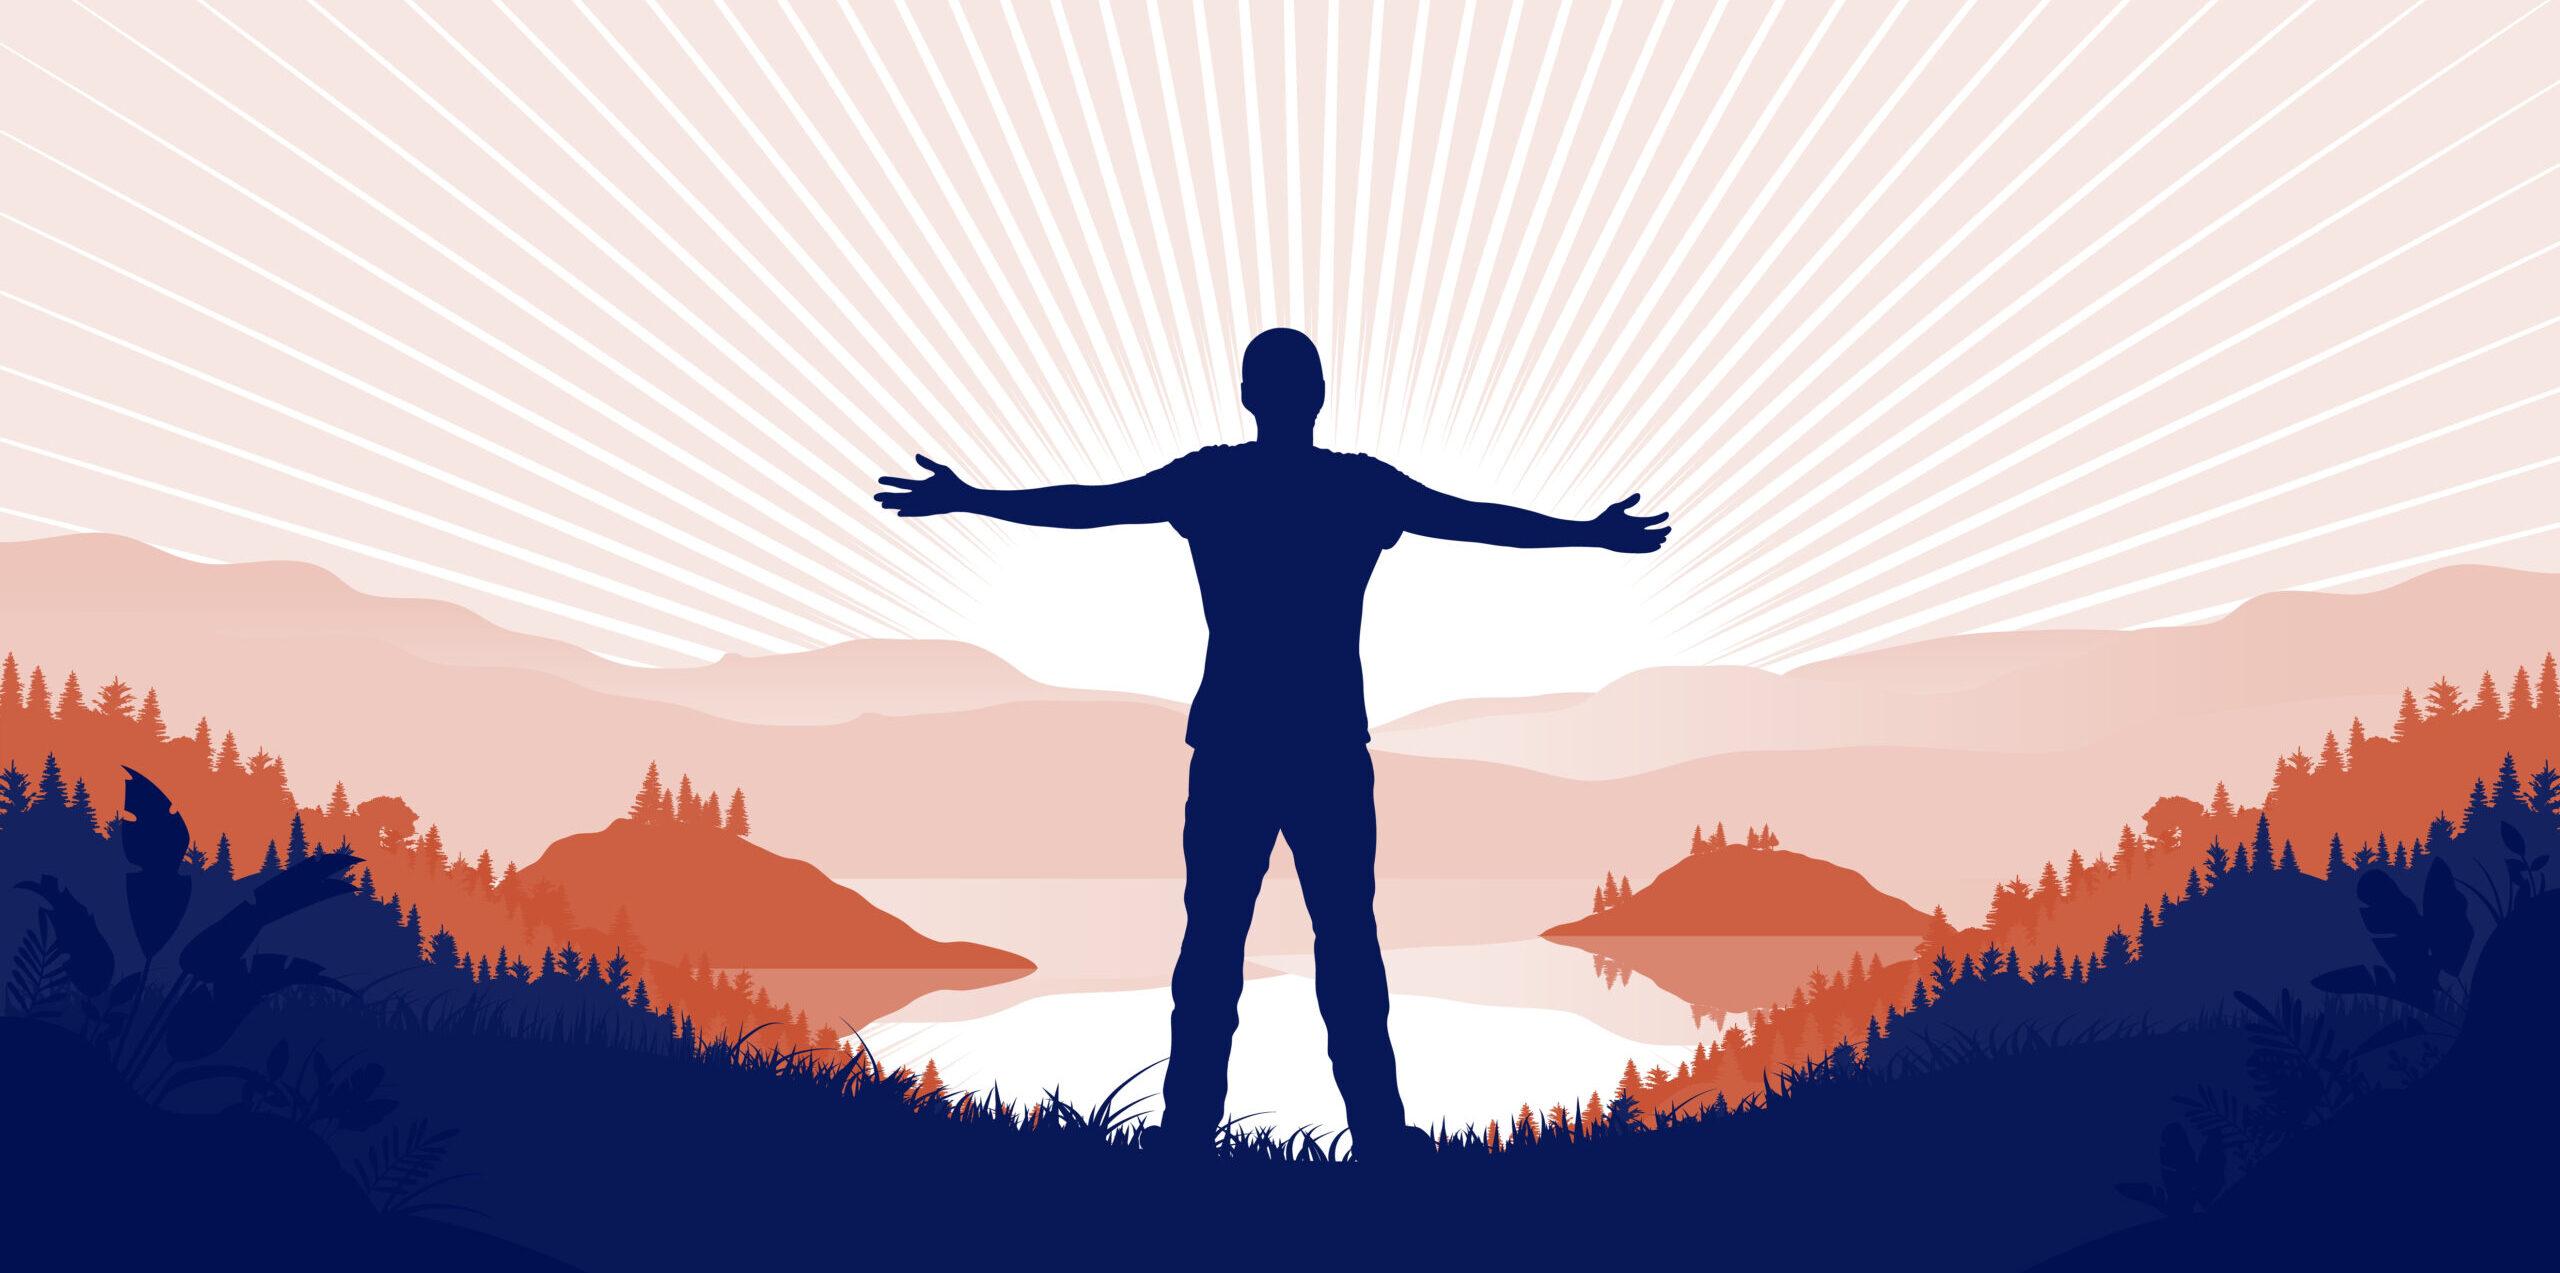 Finding Purpose Through Hardship